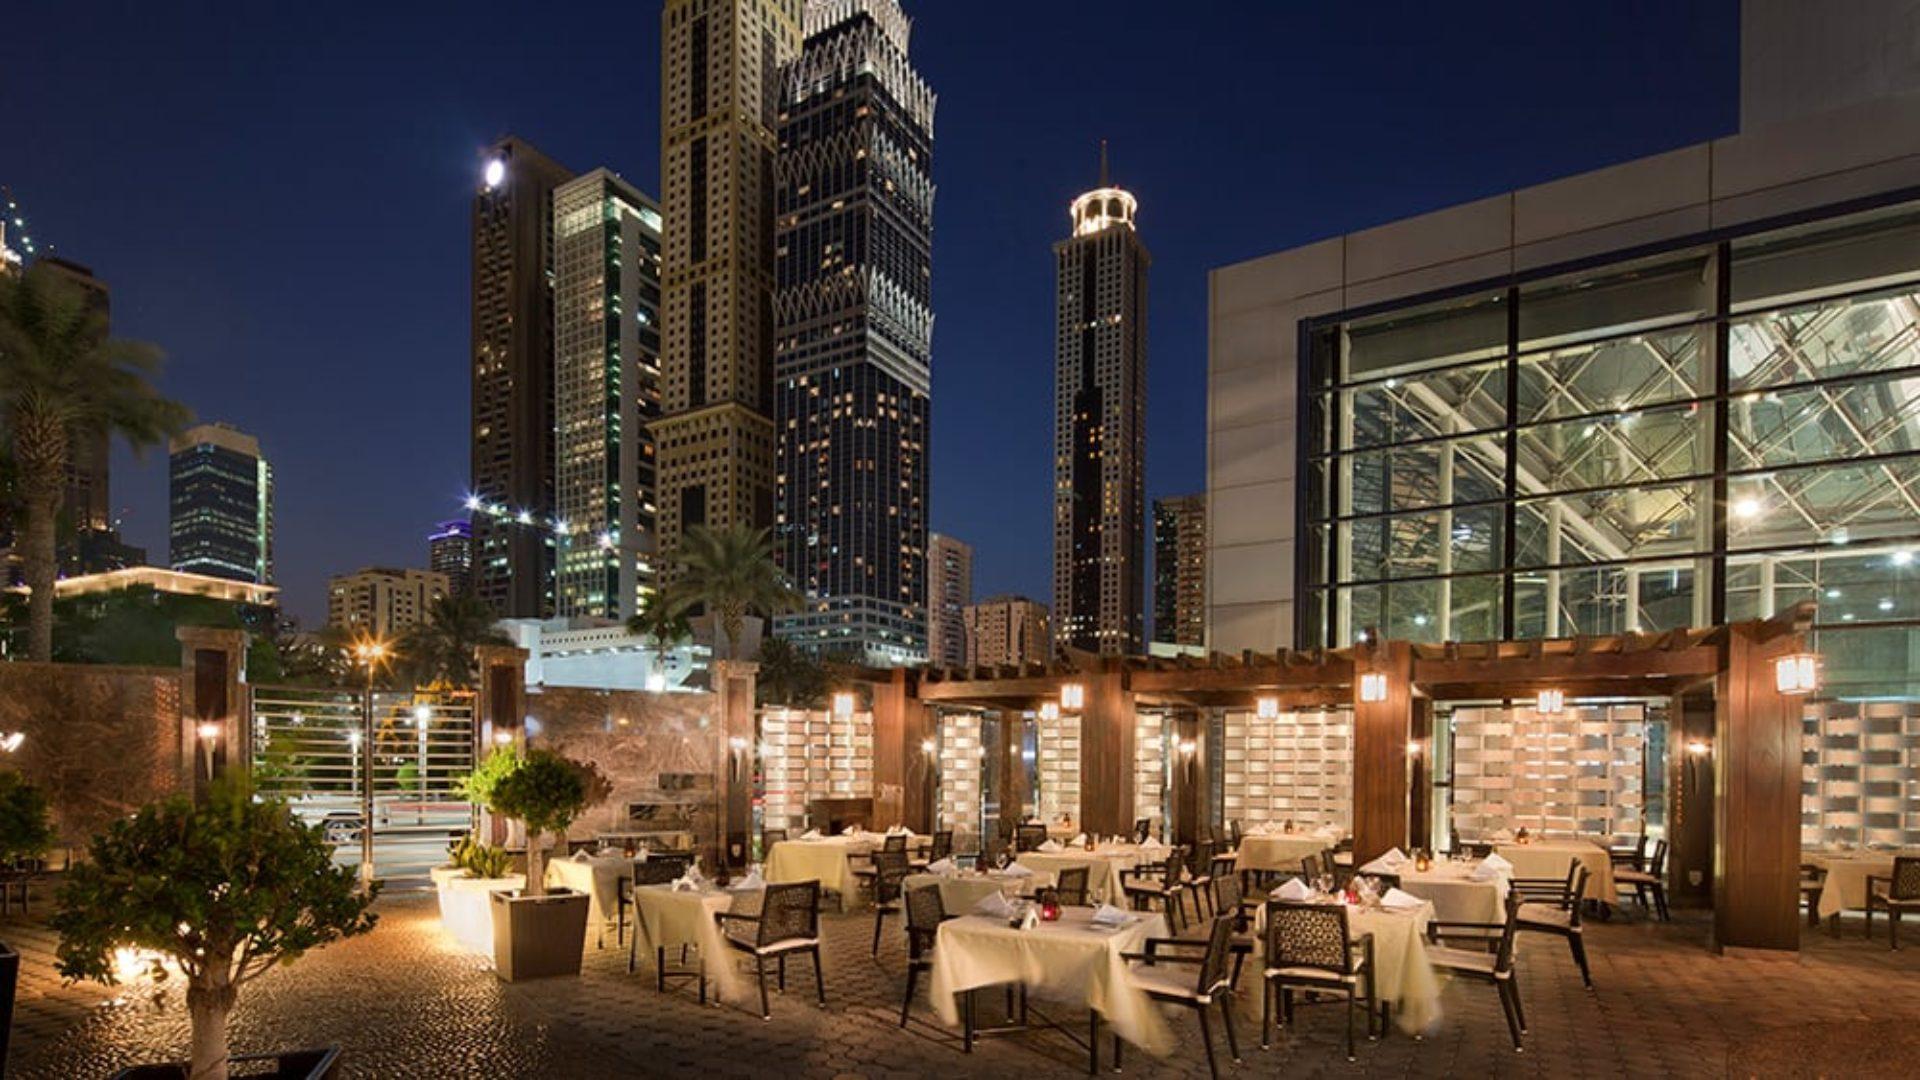 Outdoor dining terrace at Al Nafoorah at Jumeirah Emirates Towers